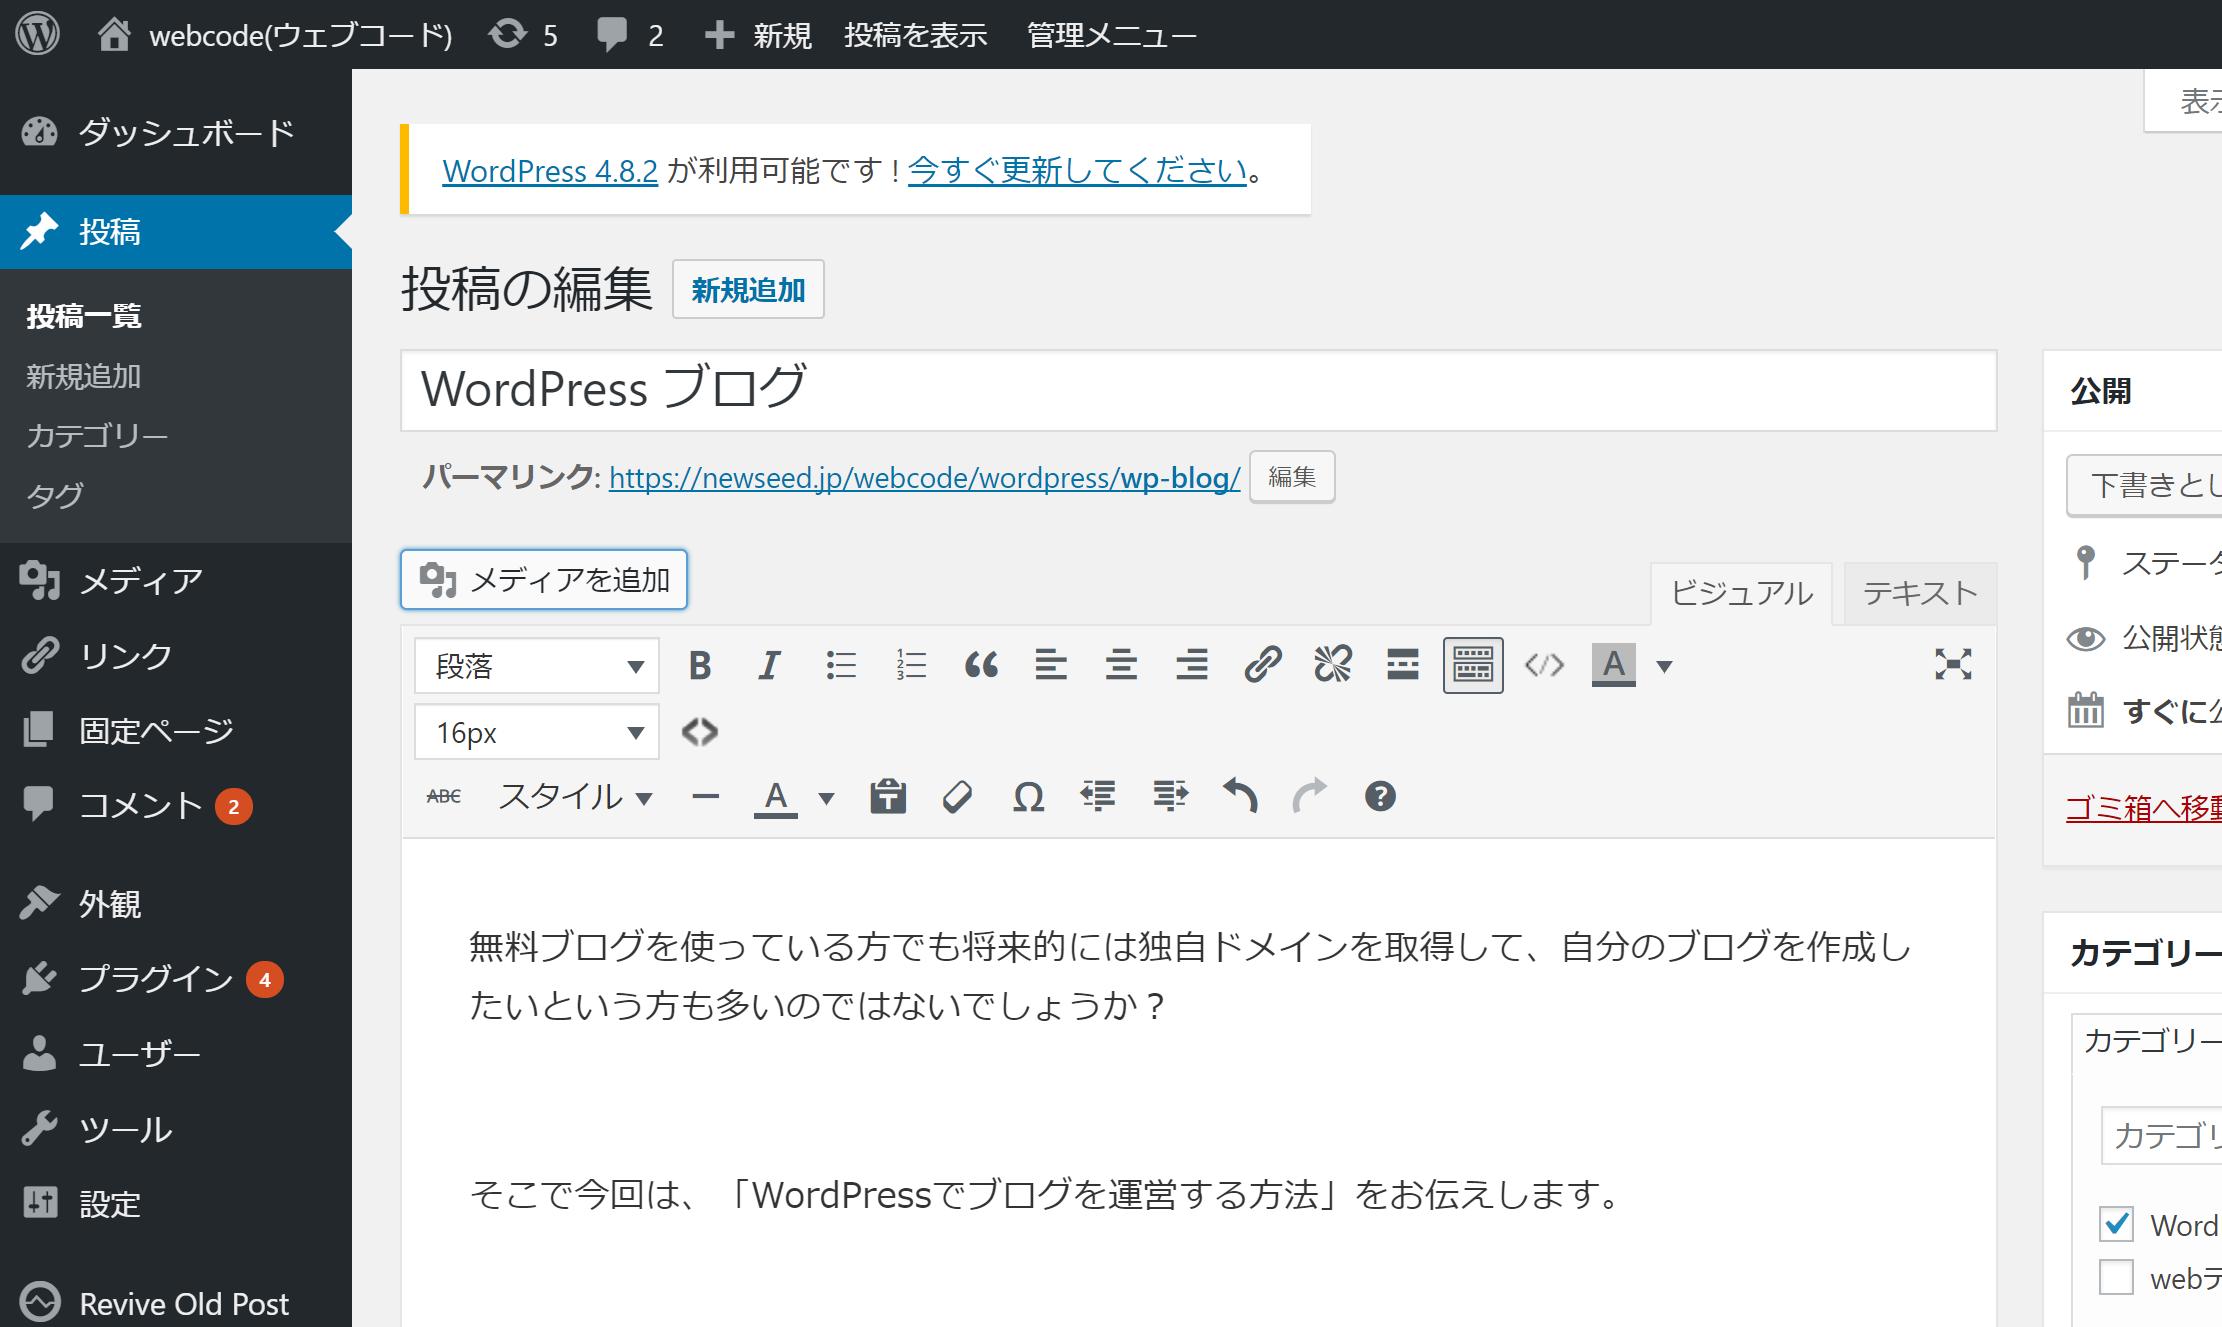 content writing - WordPressでブログの始め方!初心者におすすめのサーバー・ドメイン・テーマも紹介